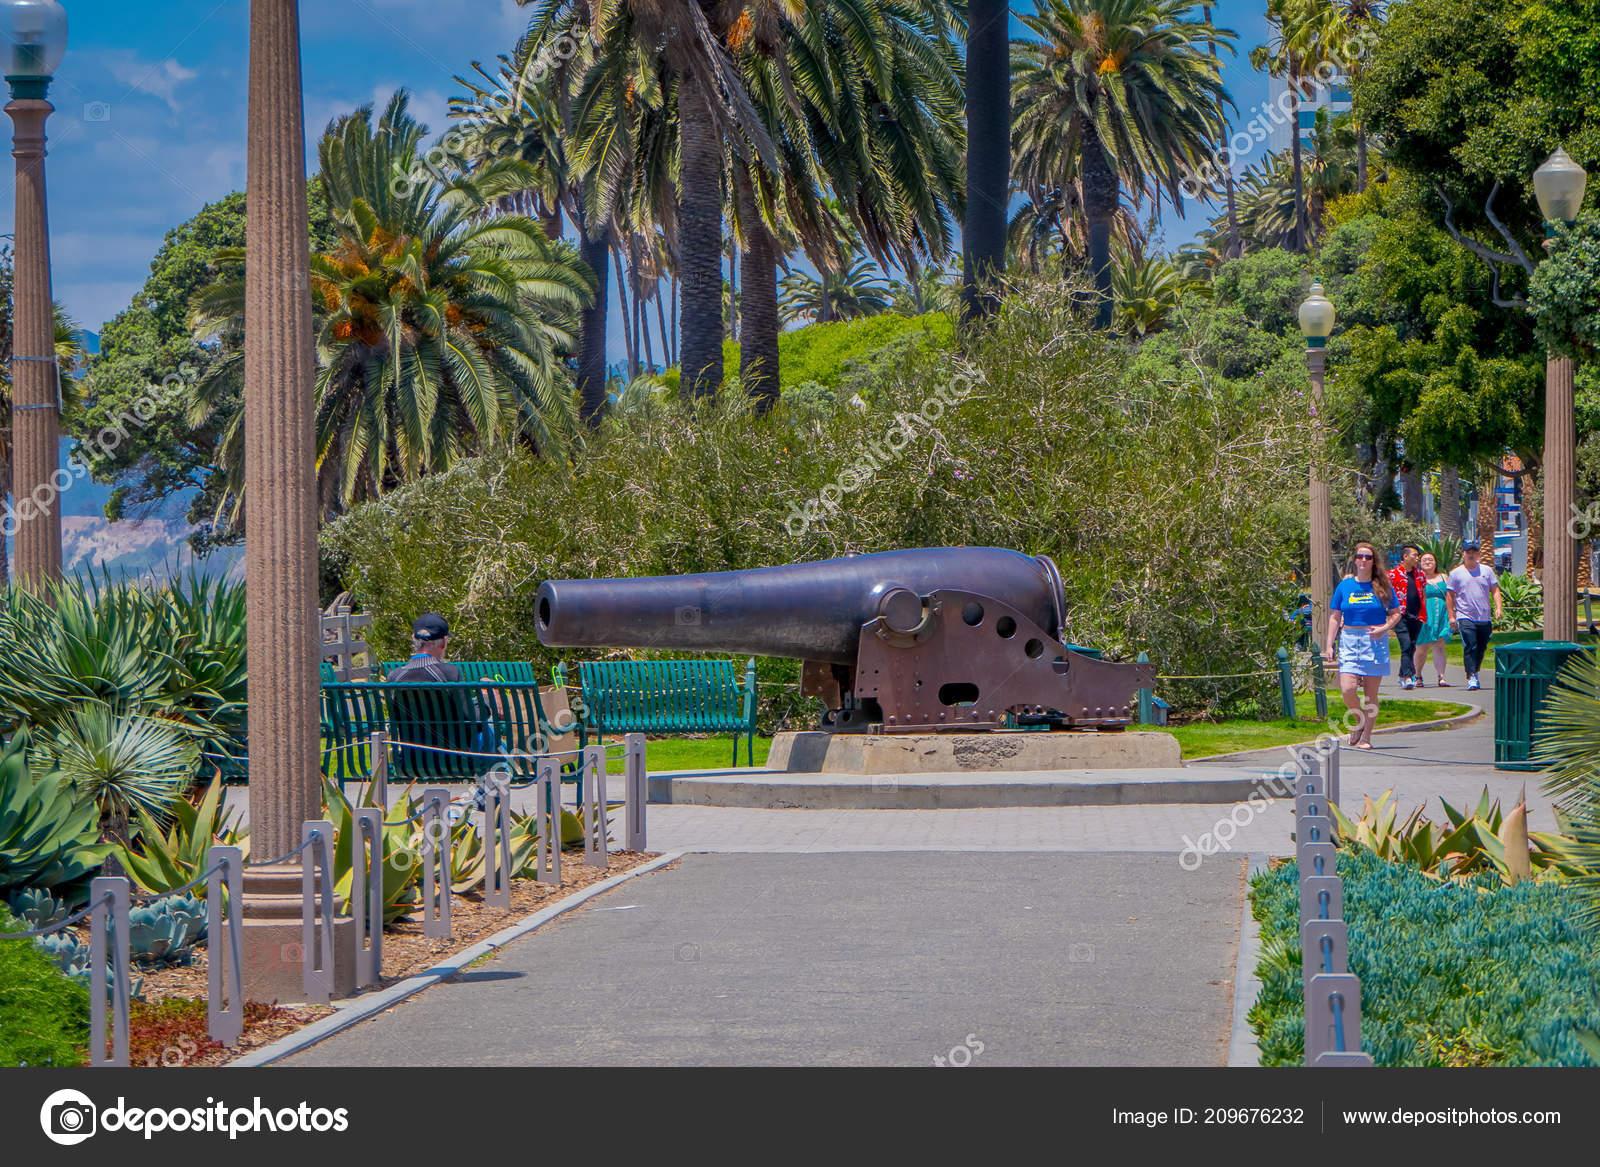 Cannon park